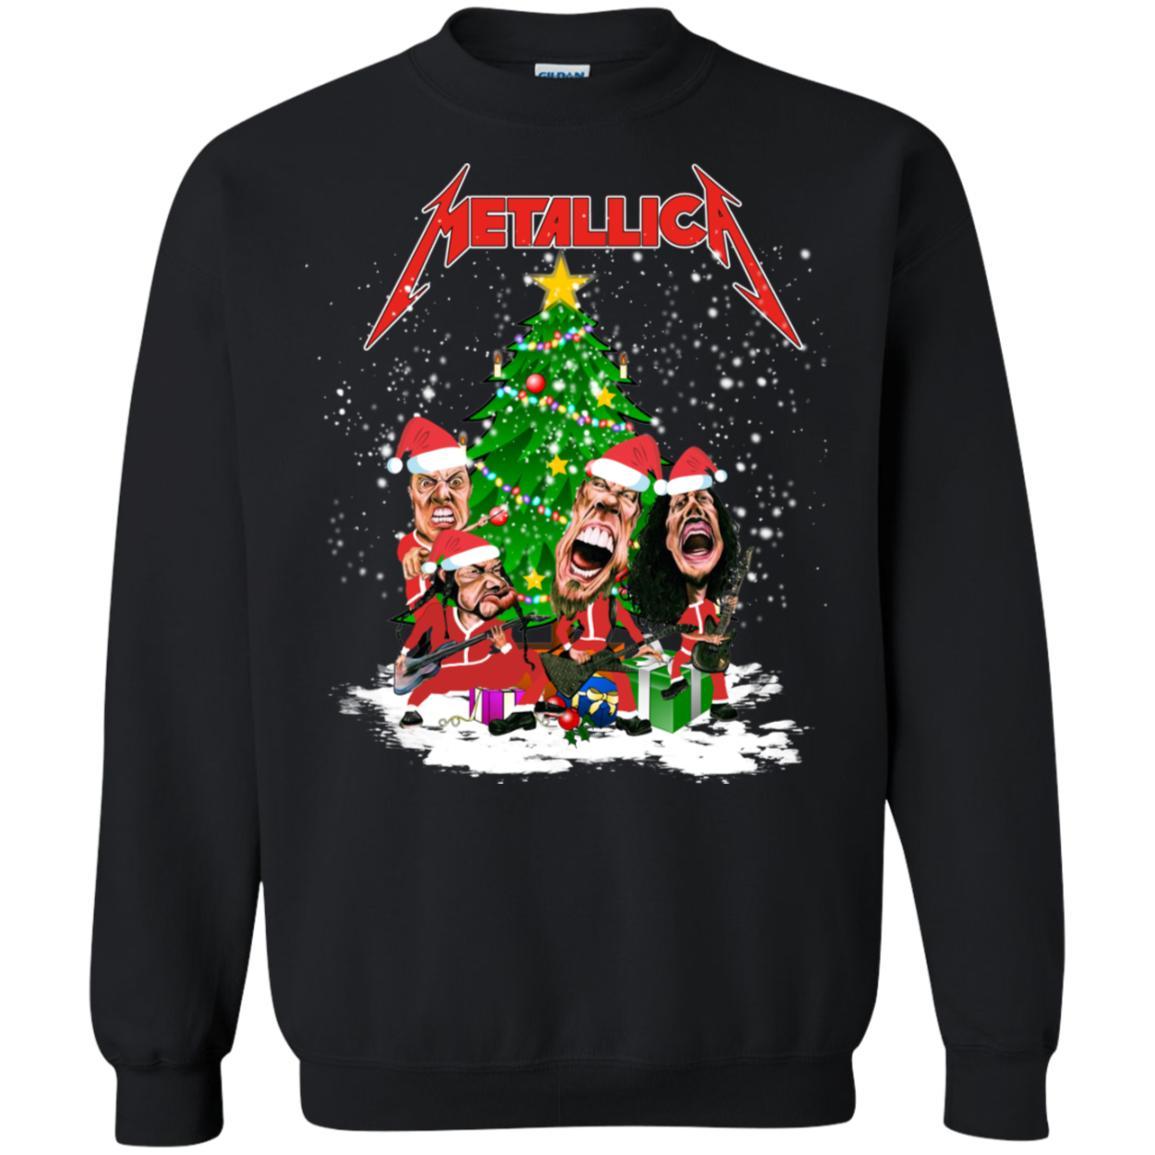 Christmas Tree and Metallica Rock Band Merry Xmas Sweatshirt